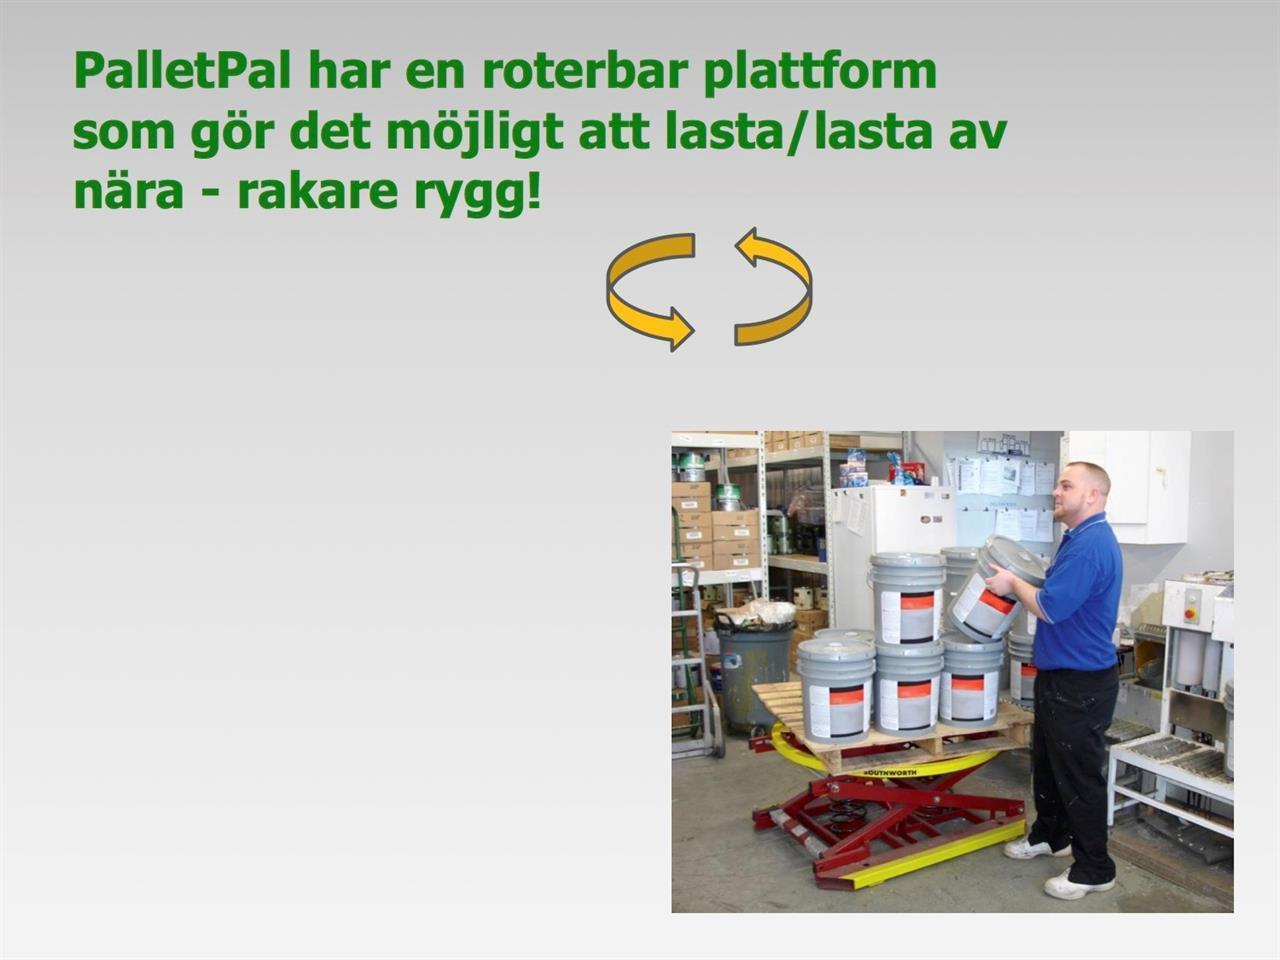 PalletPal